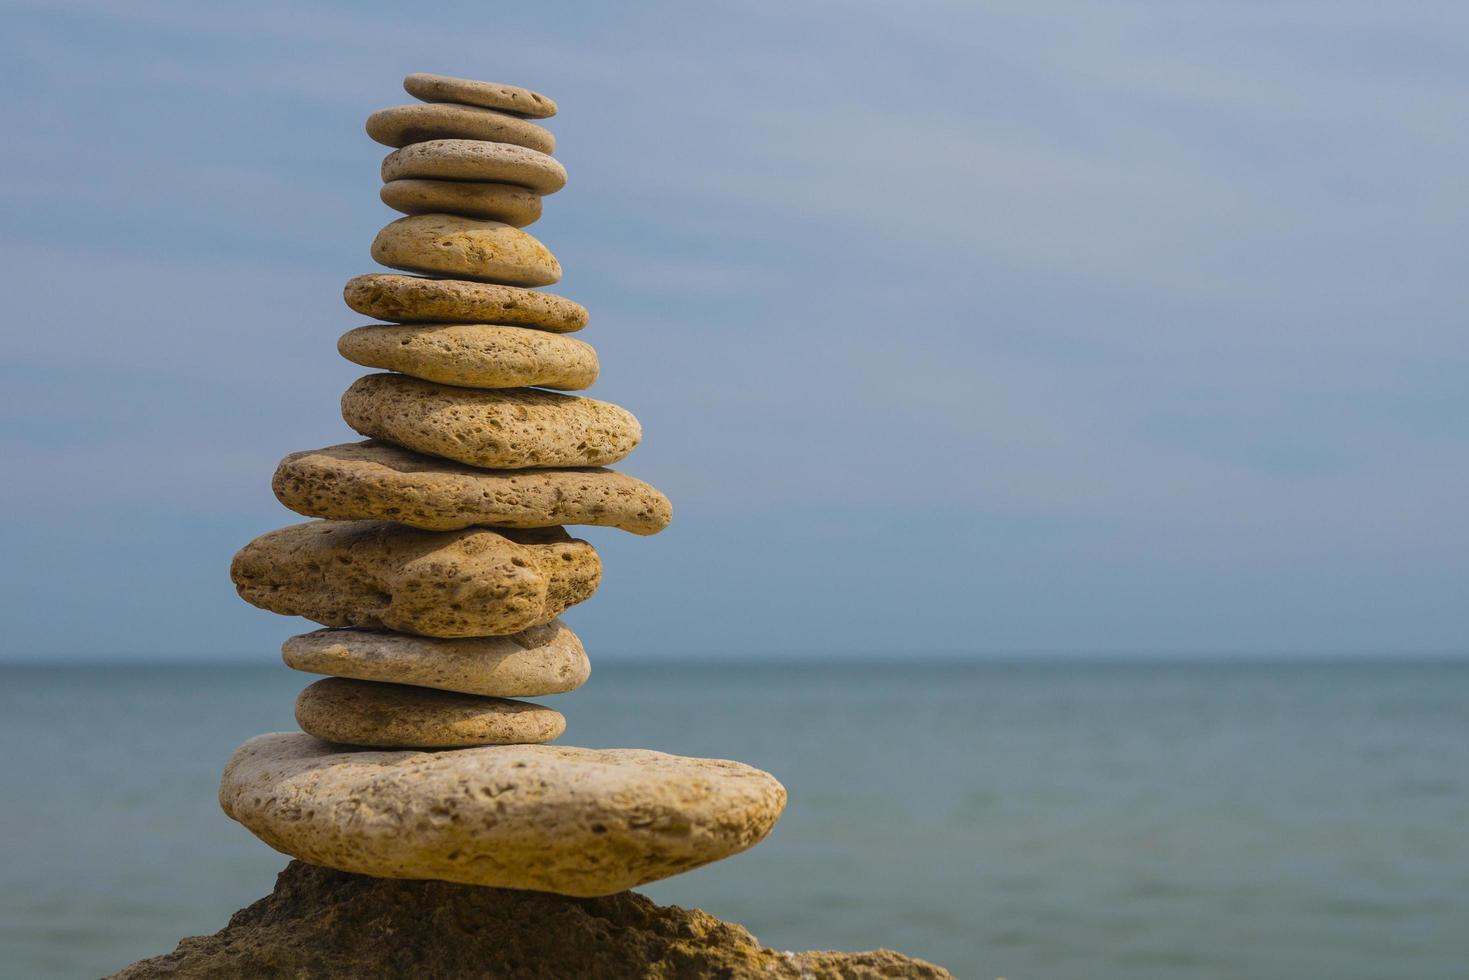 Equilibrio de pirámide de piedras sobre una gran piedra en la orilla del mar foto